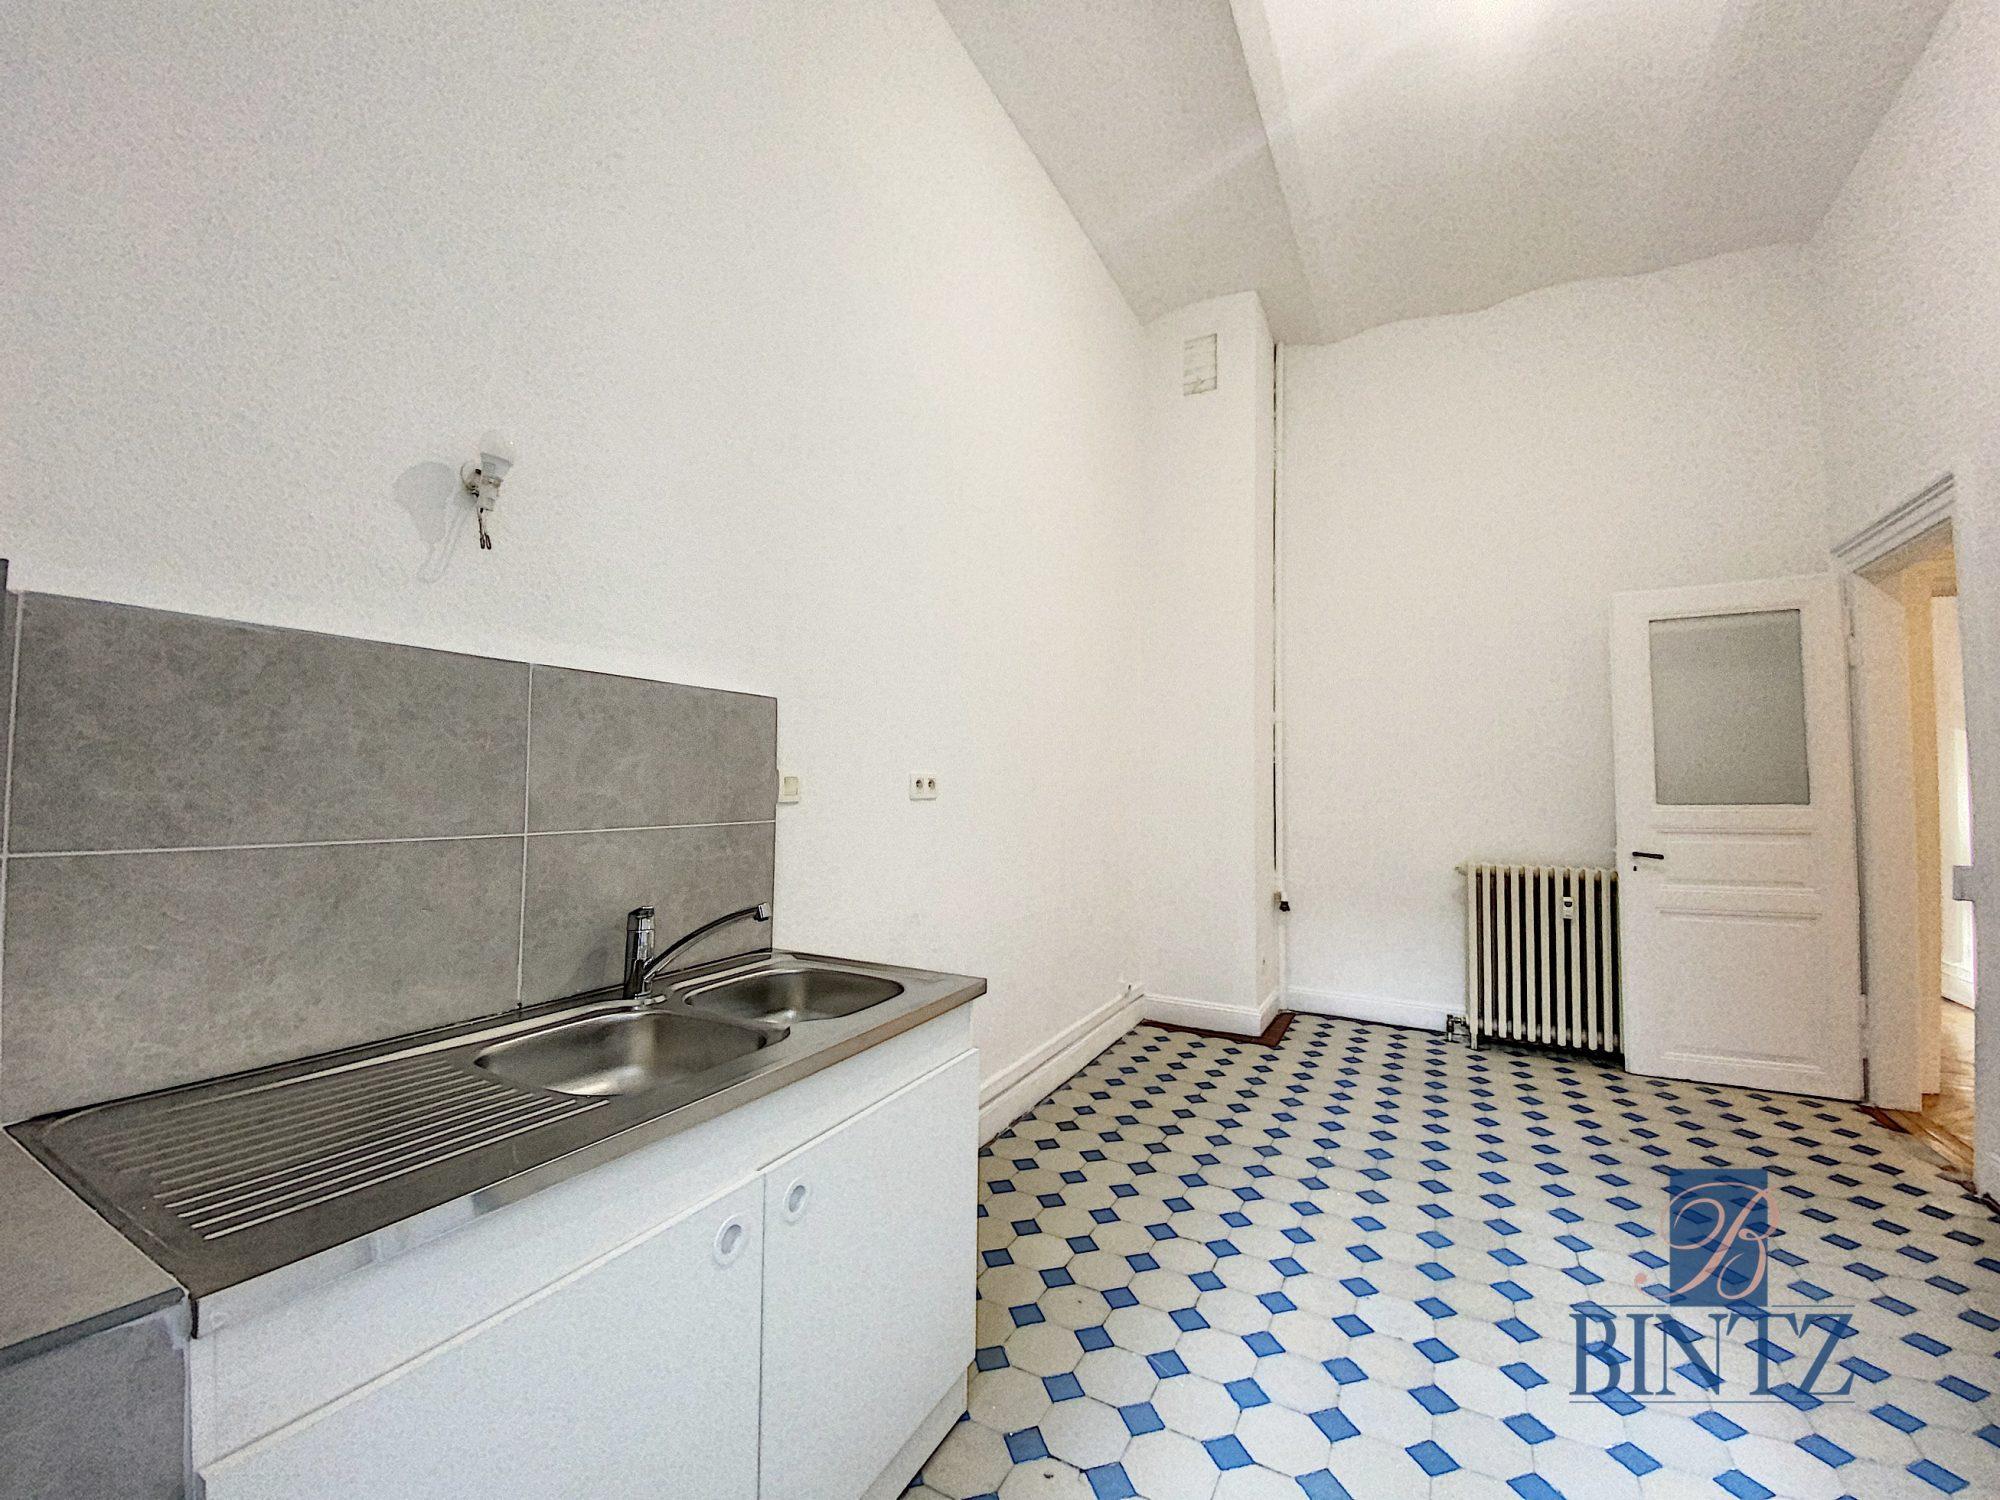 5 pièces rue Wimpheling - Devenez locataire en toute sérénité - Bintz Immobilier - 5